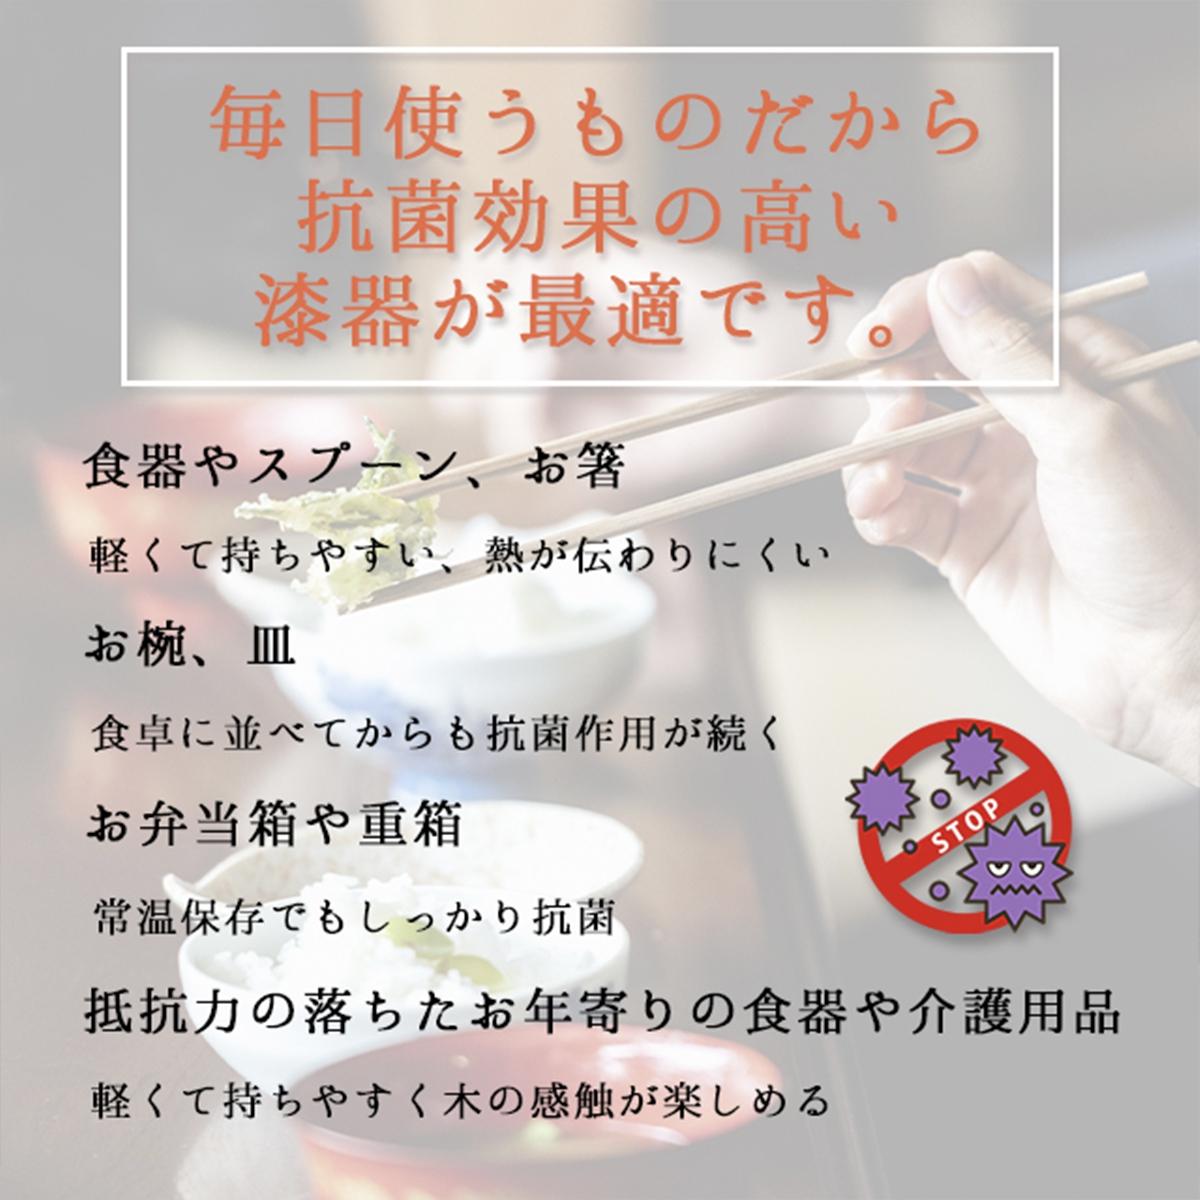 うるしギャラリー久右衛門(urushi gallery kyuuemon) お試し曲げわっぱ 弁当箱 一段 700mlの商品画像13